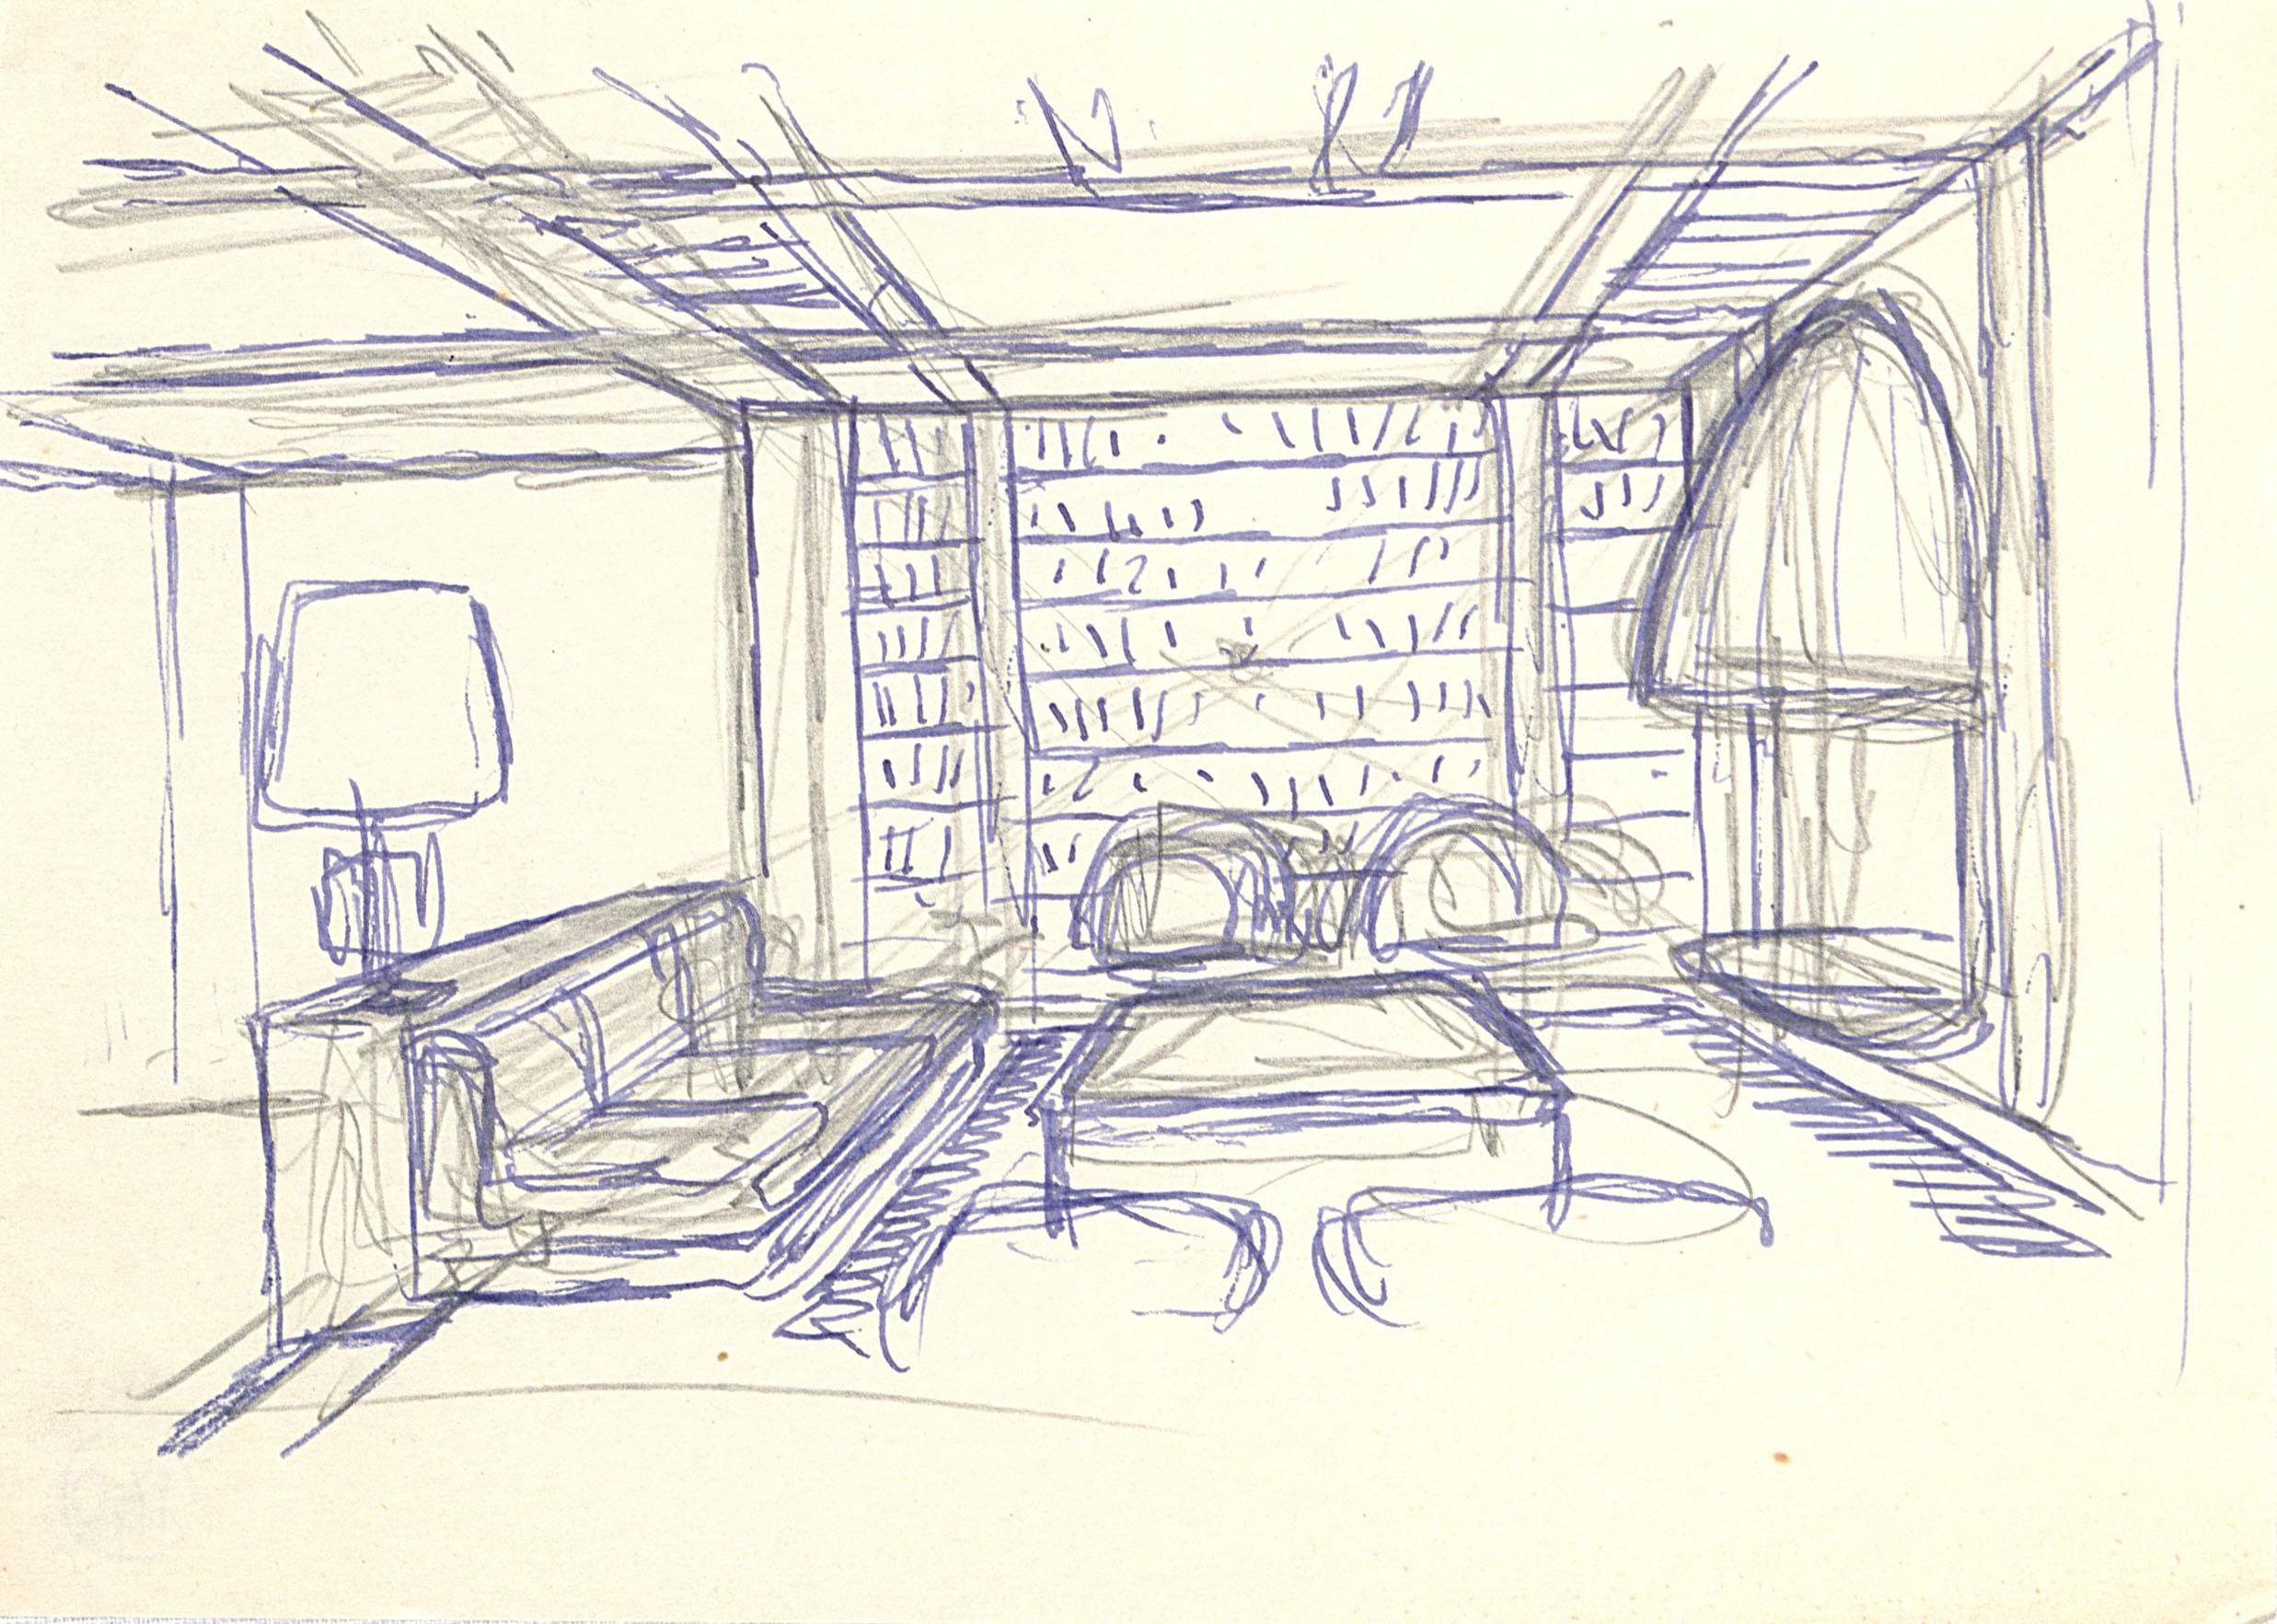 Interior Sketch | Progettazione | Lavori Ristrutturazione | Servizi di Progettazione: Consulenza d'Arredo, Interior Sketch, Progettazione d'interni, Rendering 3D... | Impresa edile Roma | C.E.BU.